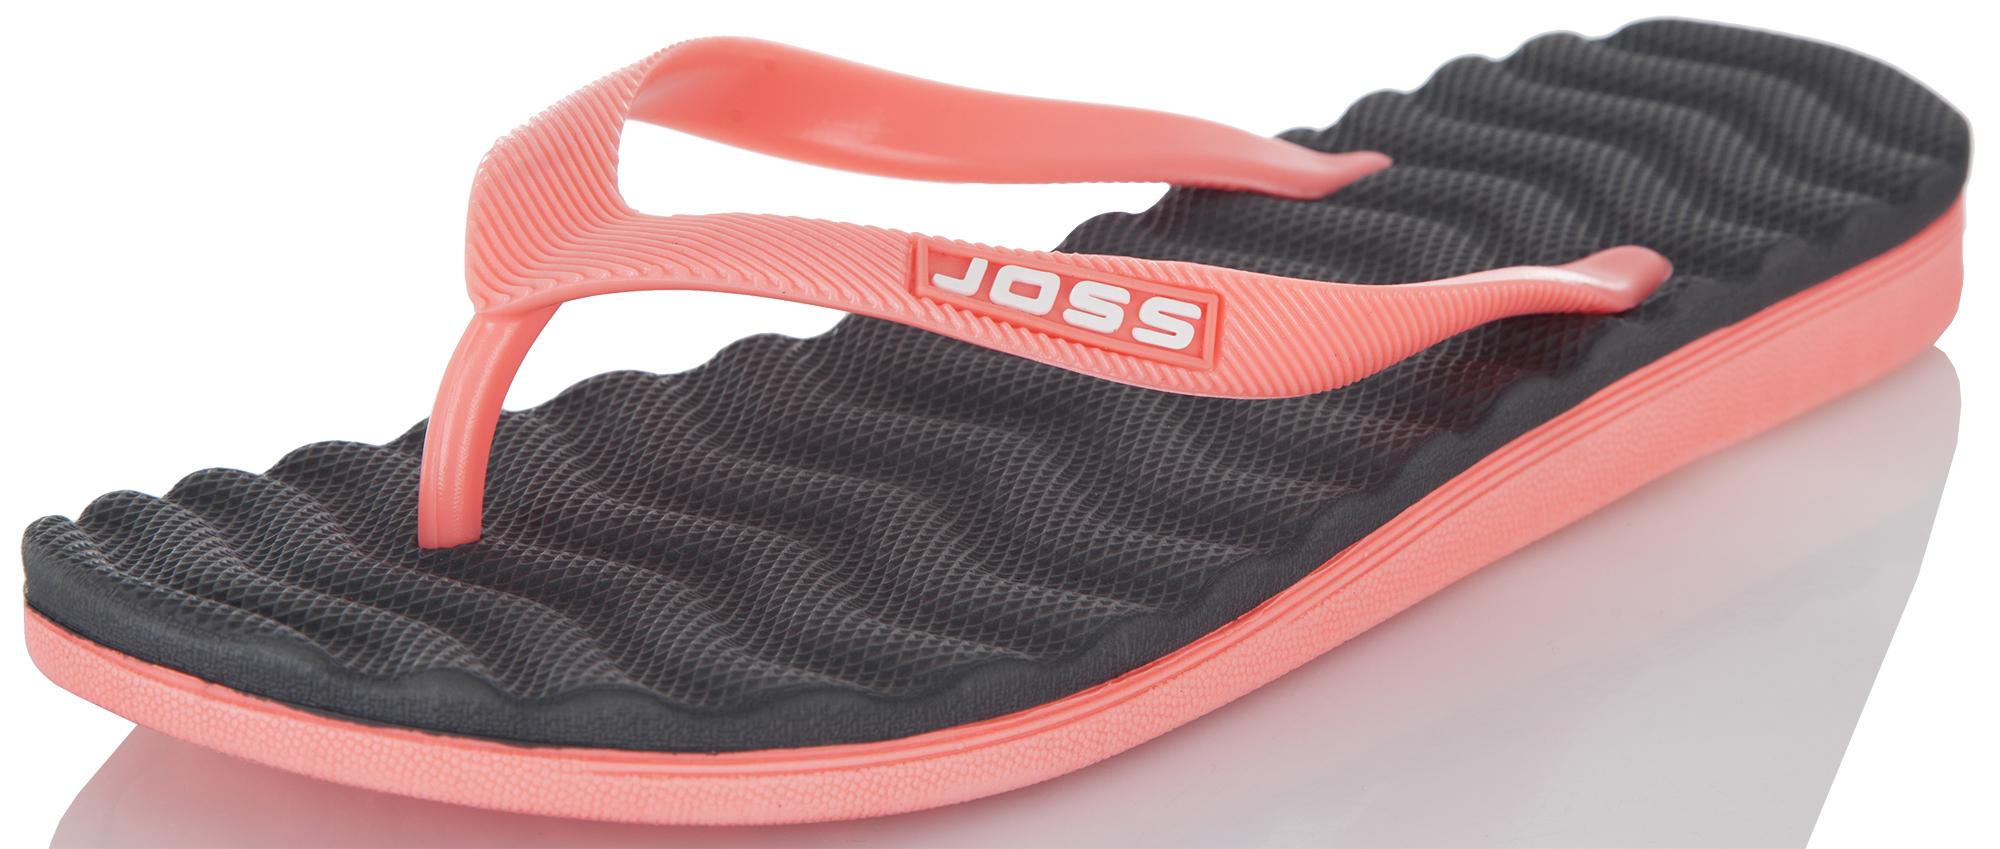 Joss Шлепанцы женские Joss Airlight, размер 38 цены онлайн